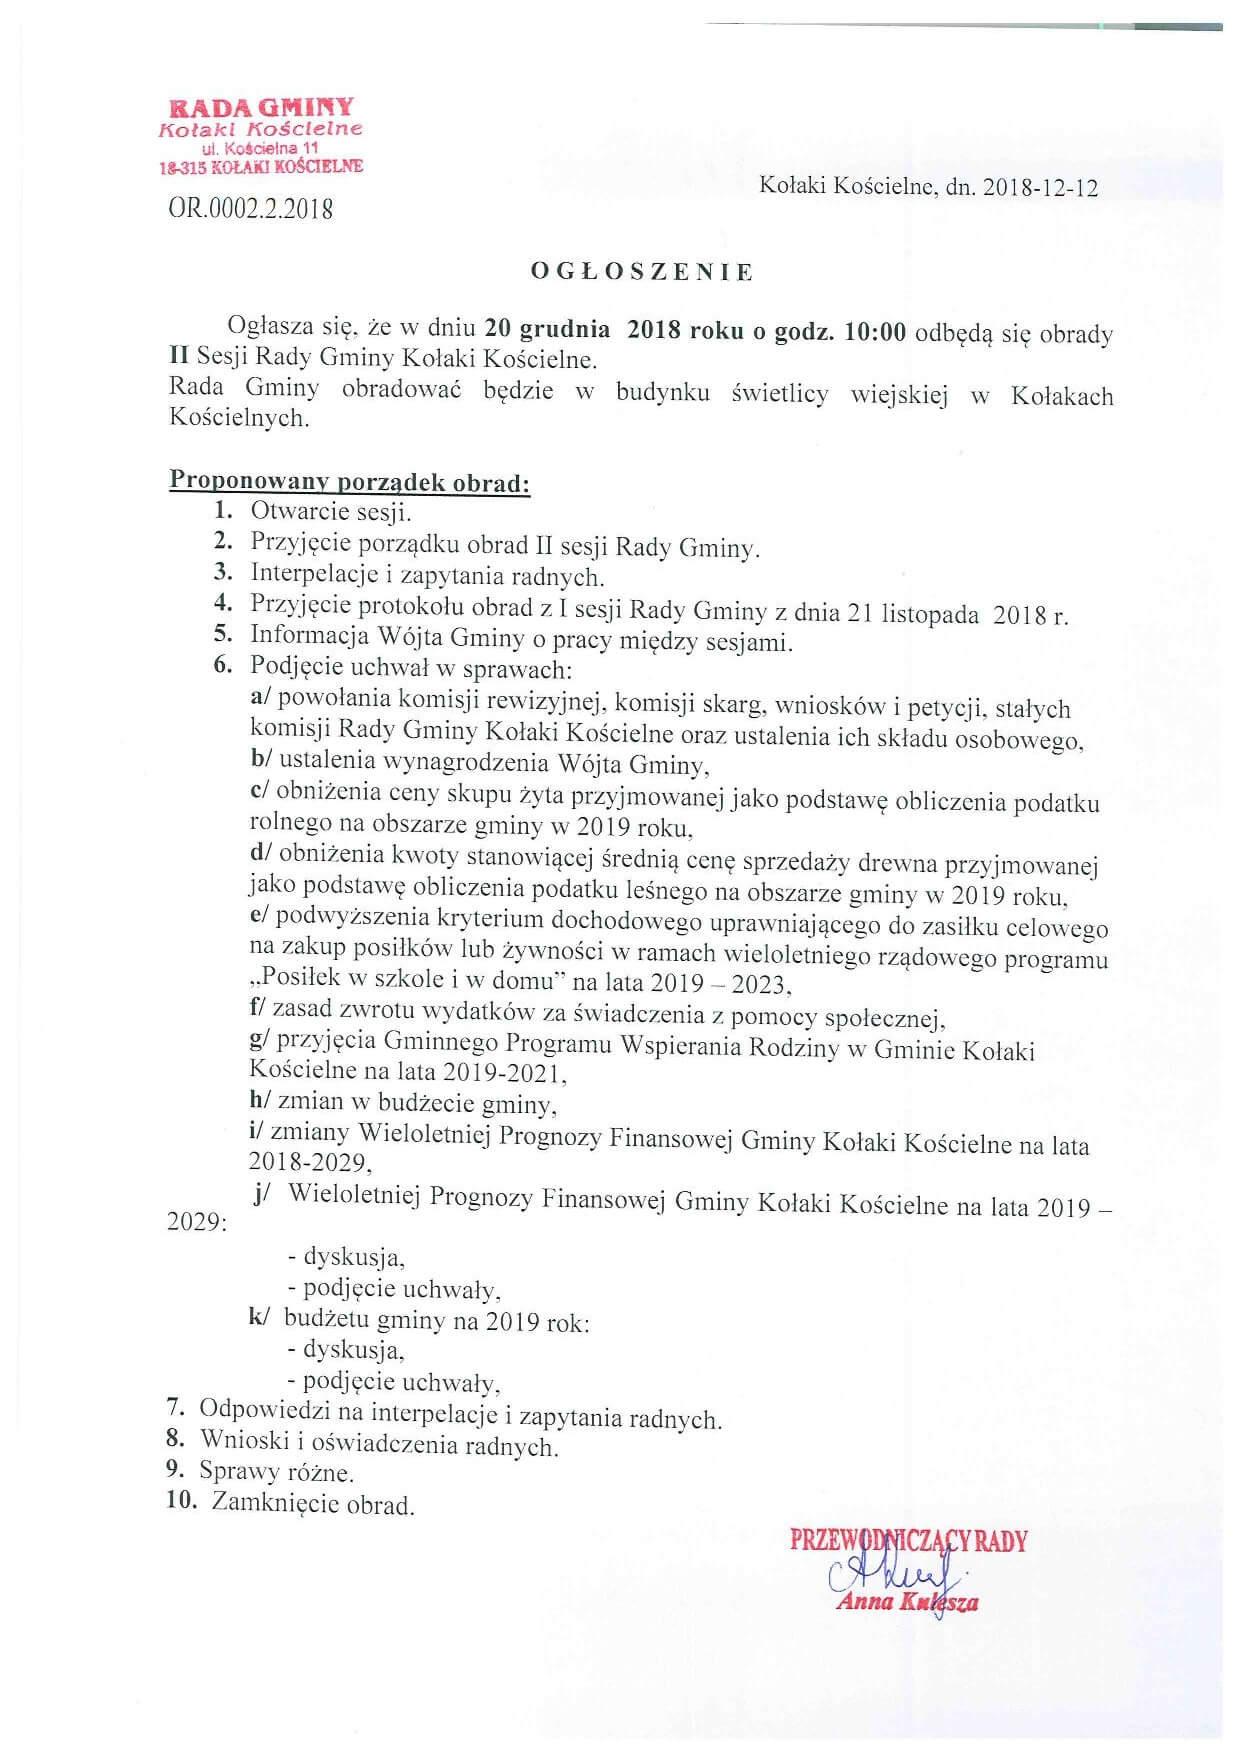 Ogłoszenie o II sesji Rady Gminy Kołaki Kościelne